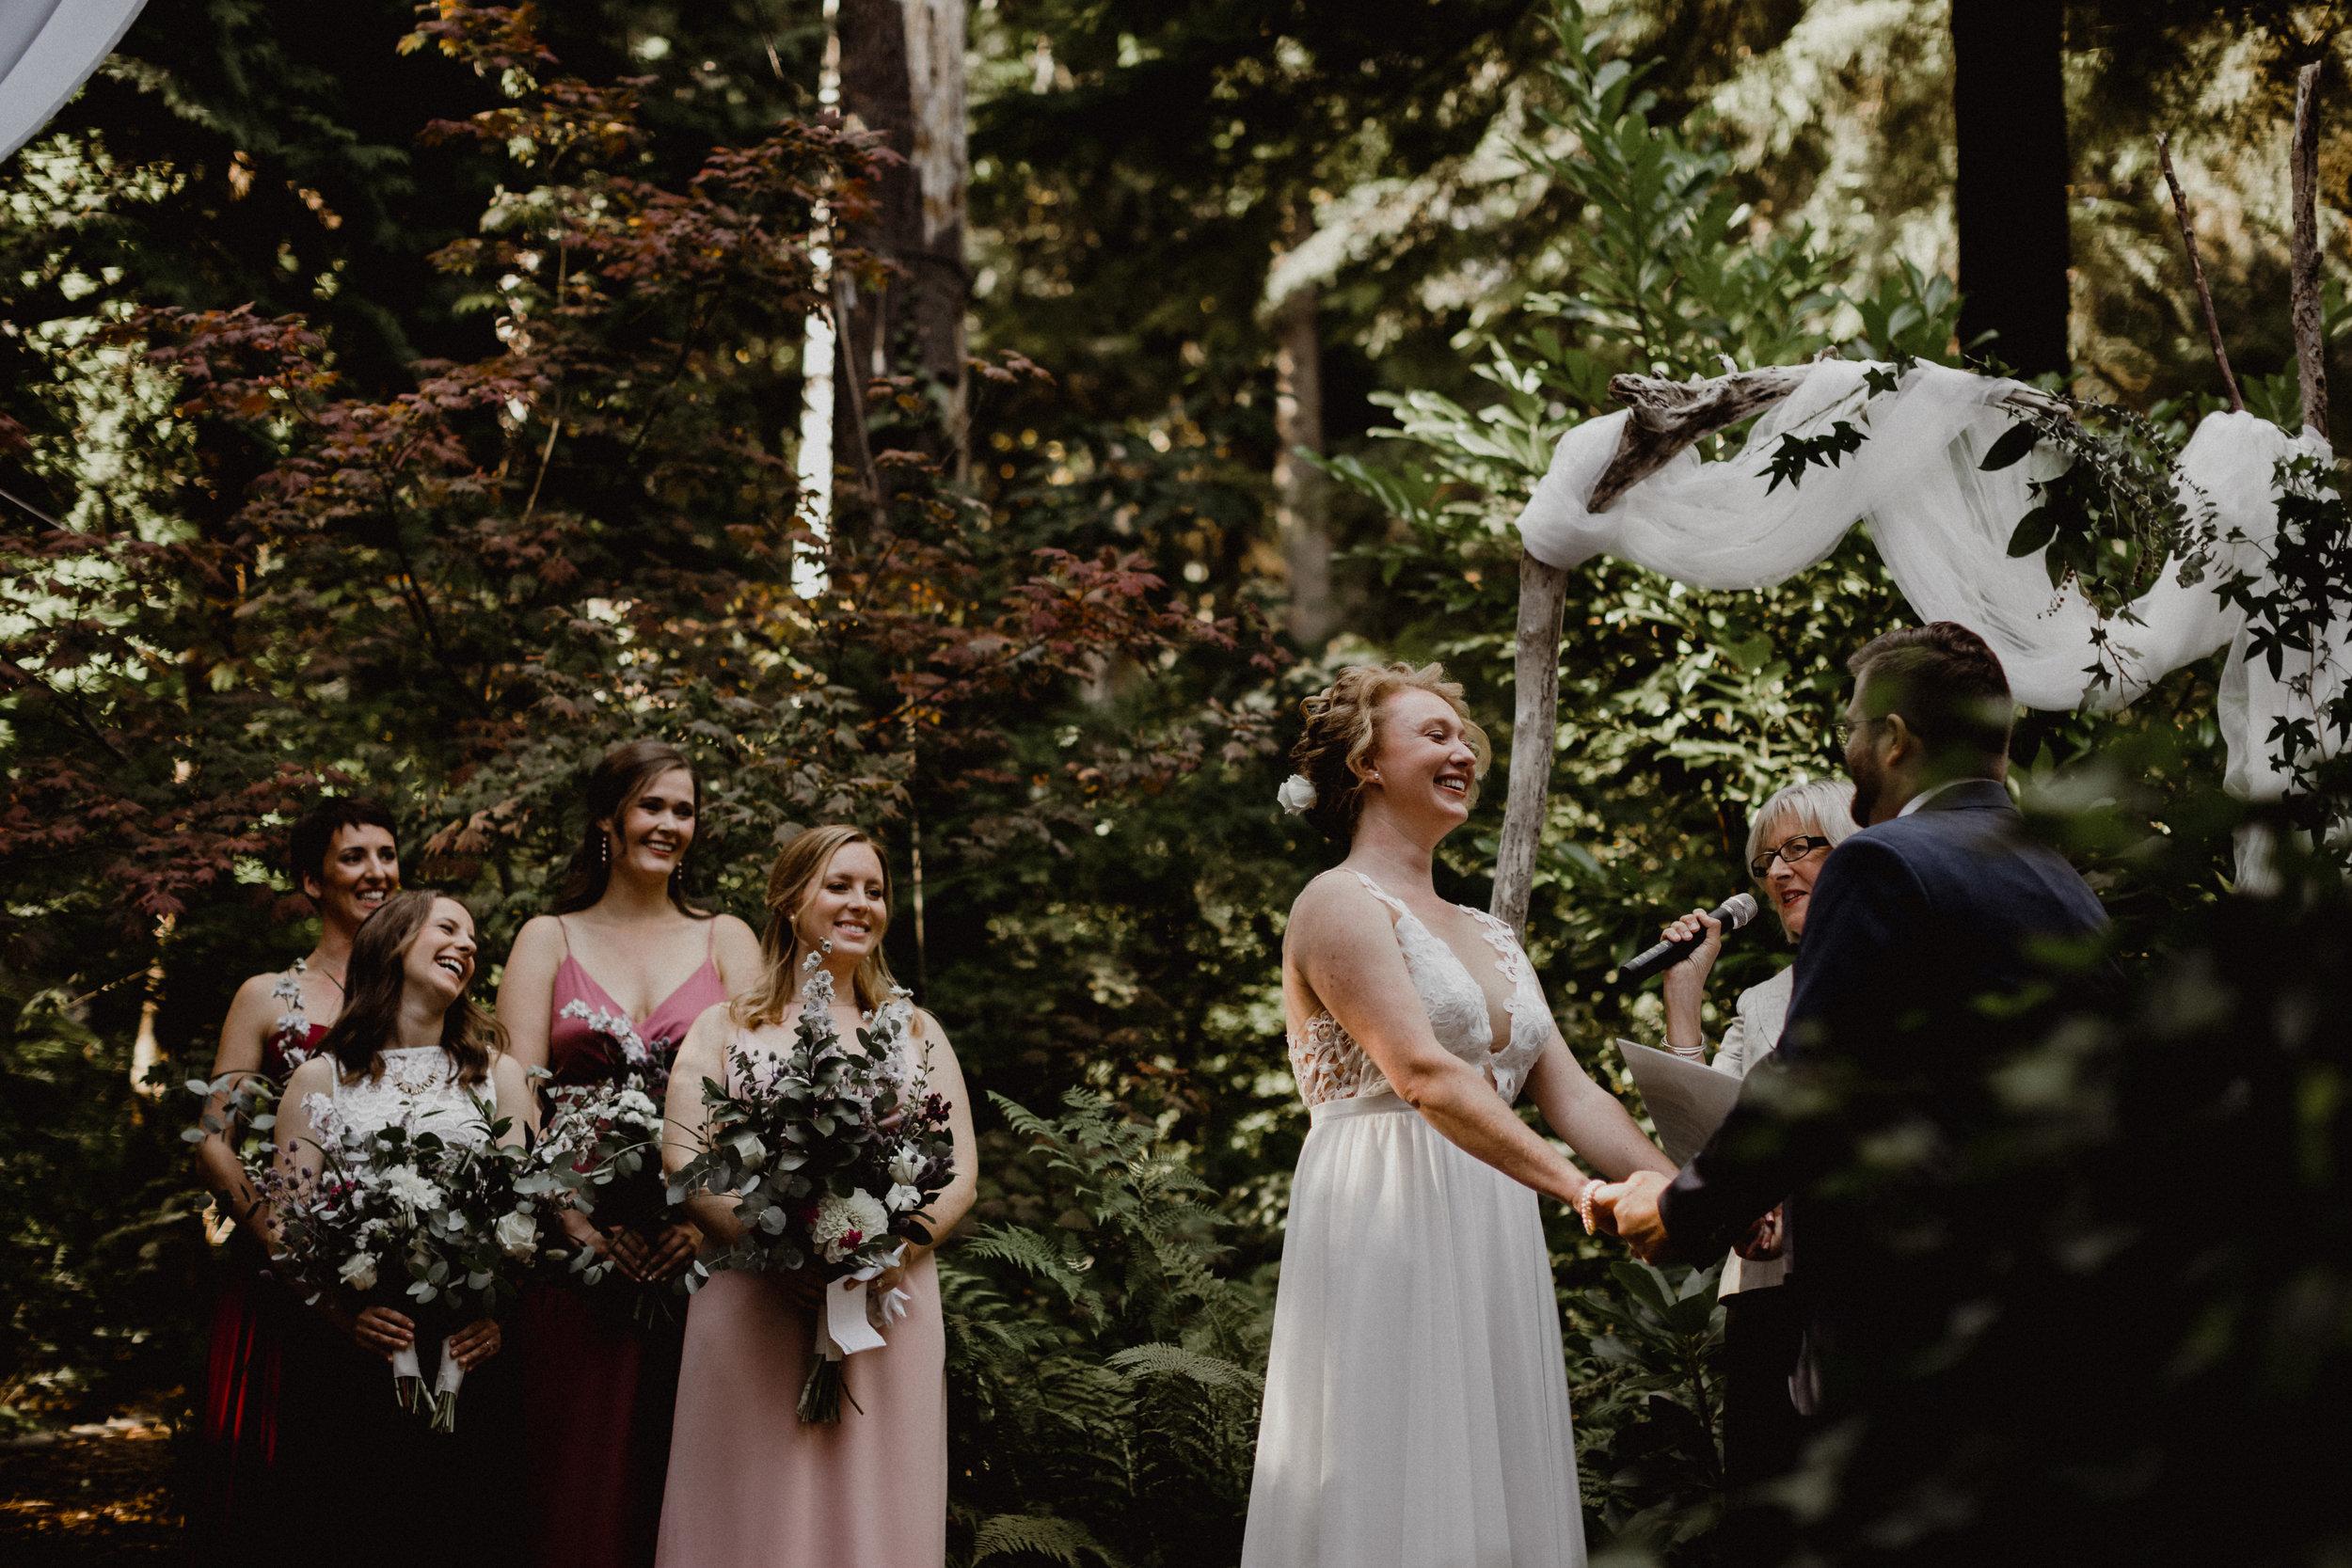 west-vancouver-backyard-wedding-112.jpg